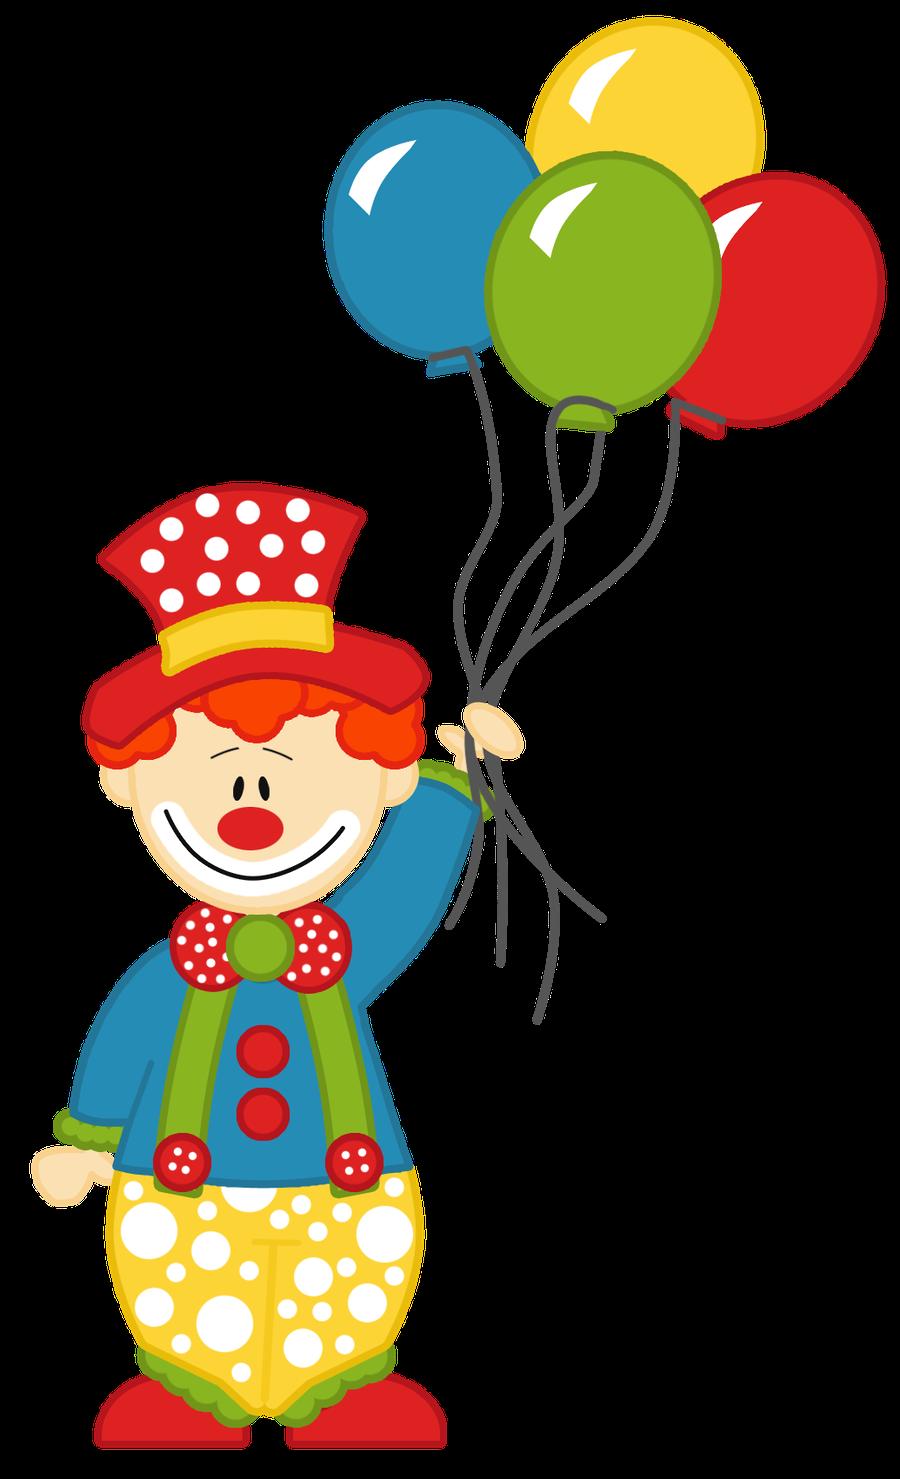 Minus say hello palya. Clipart balloon clown